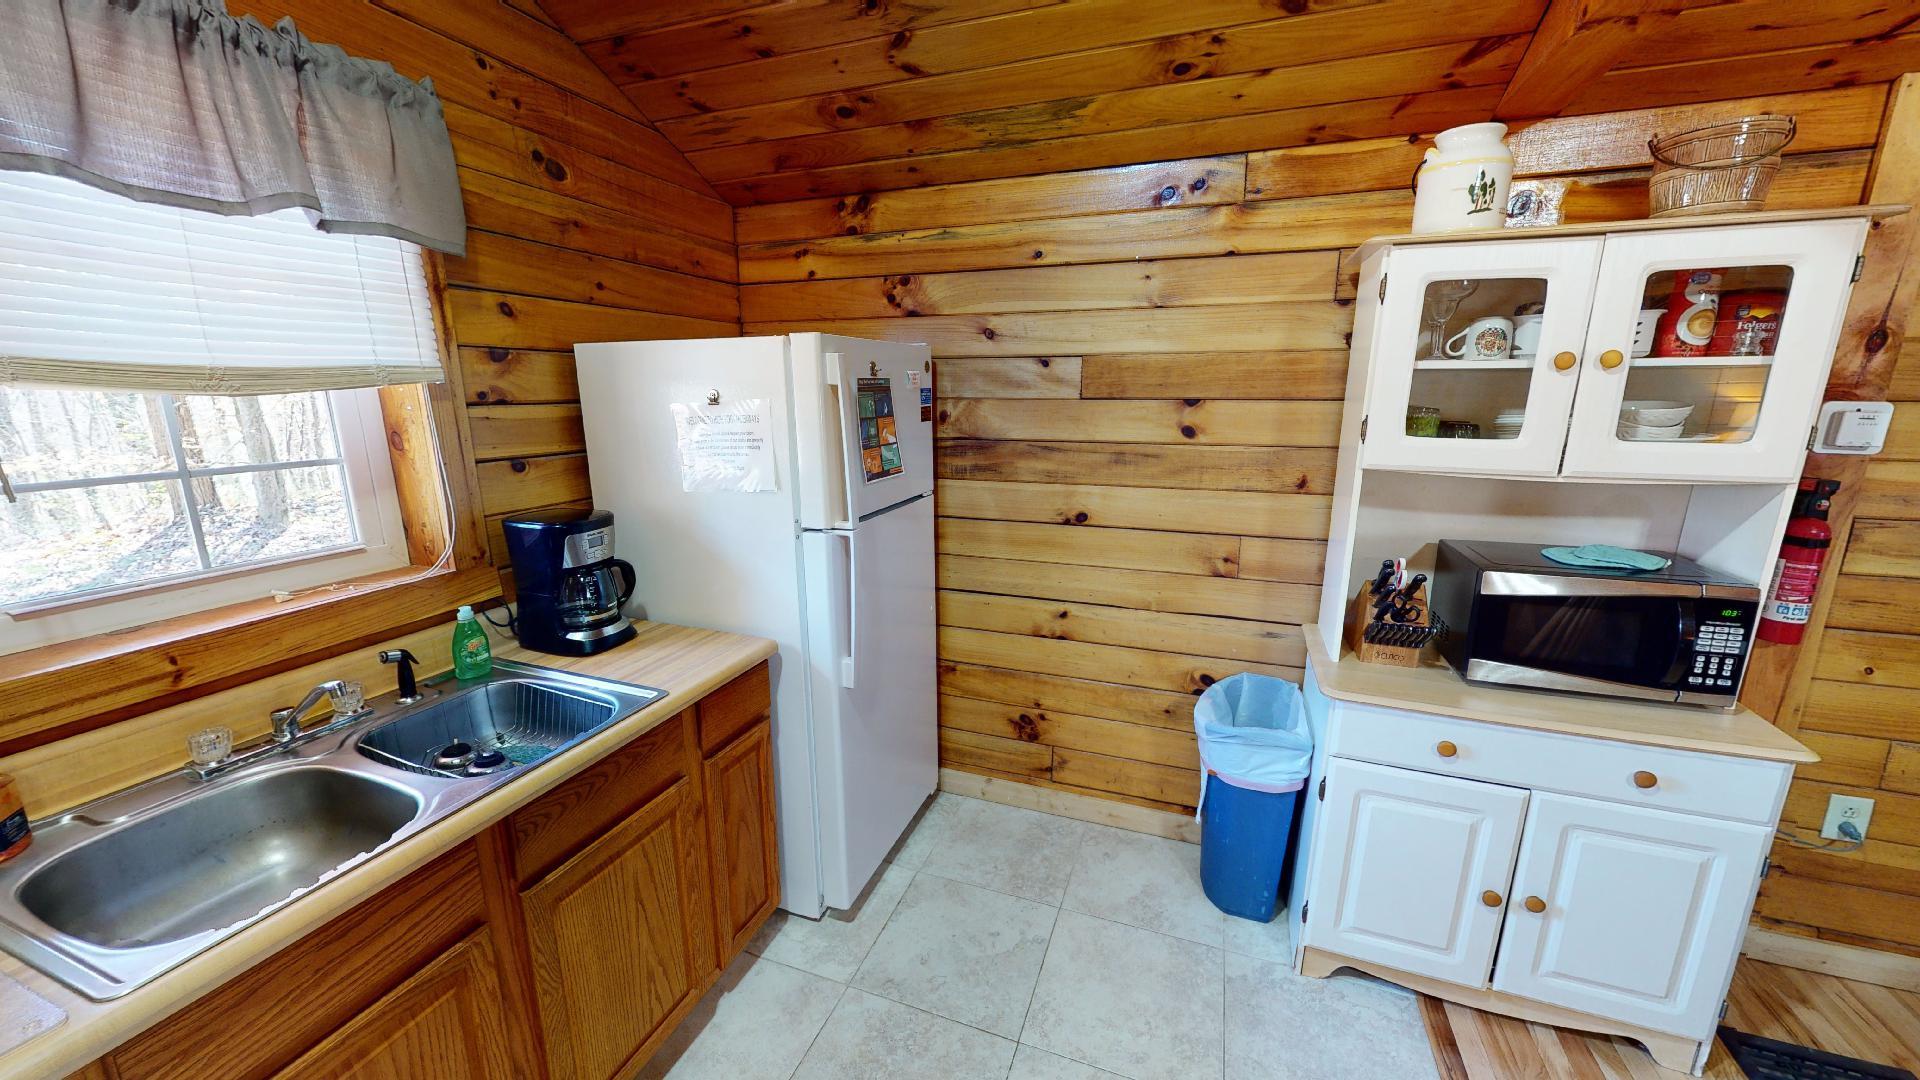 Photo 663_9220.jpg - Alternate kitchen view.